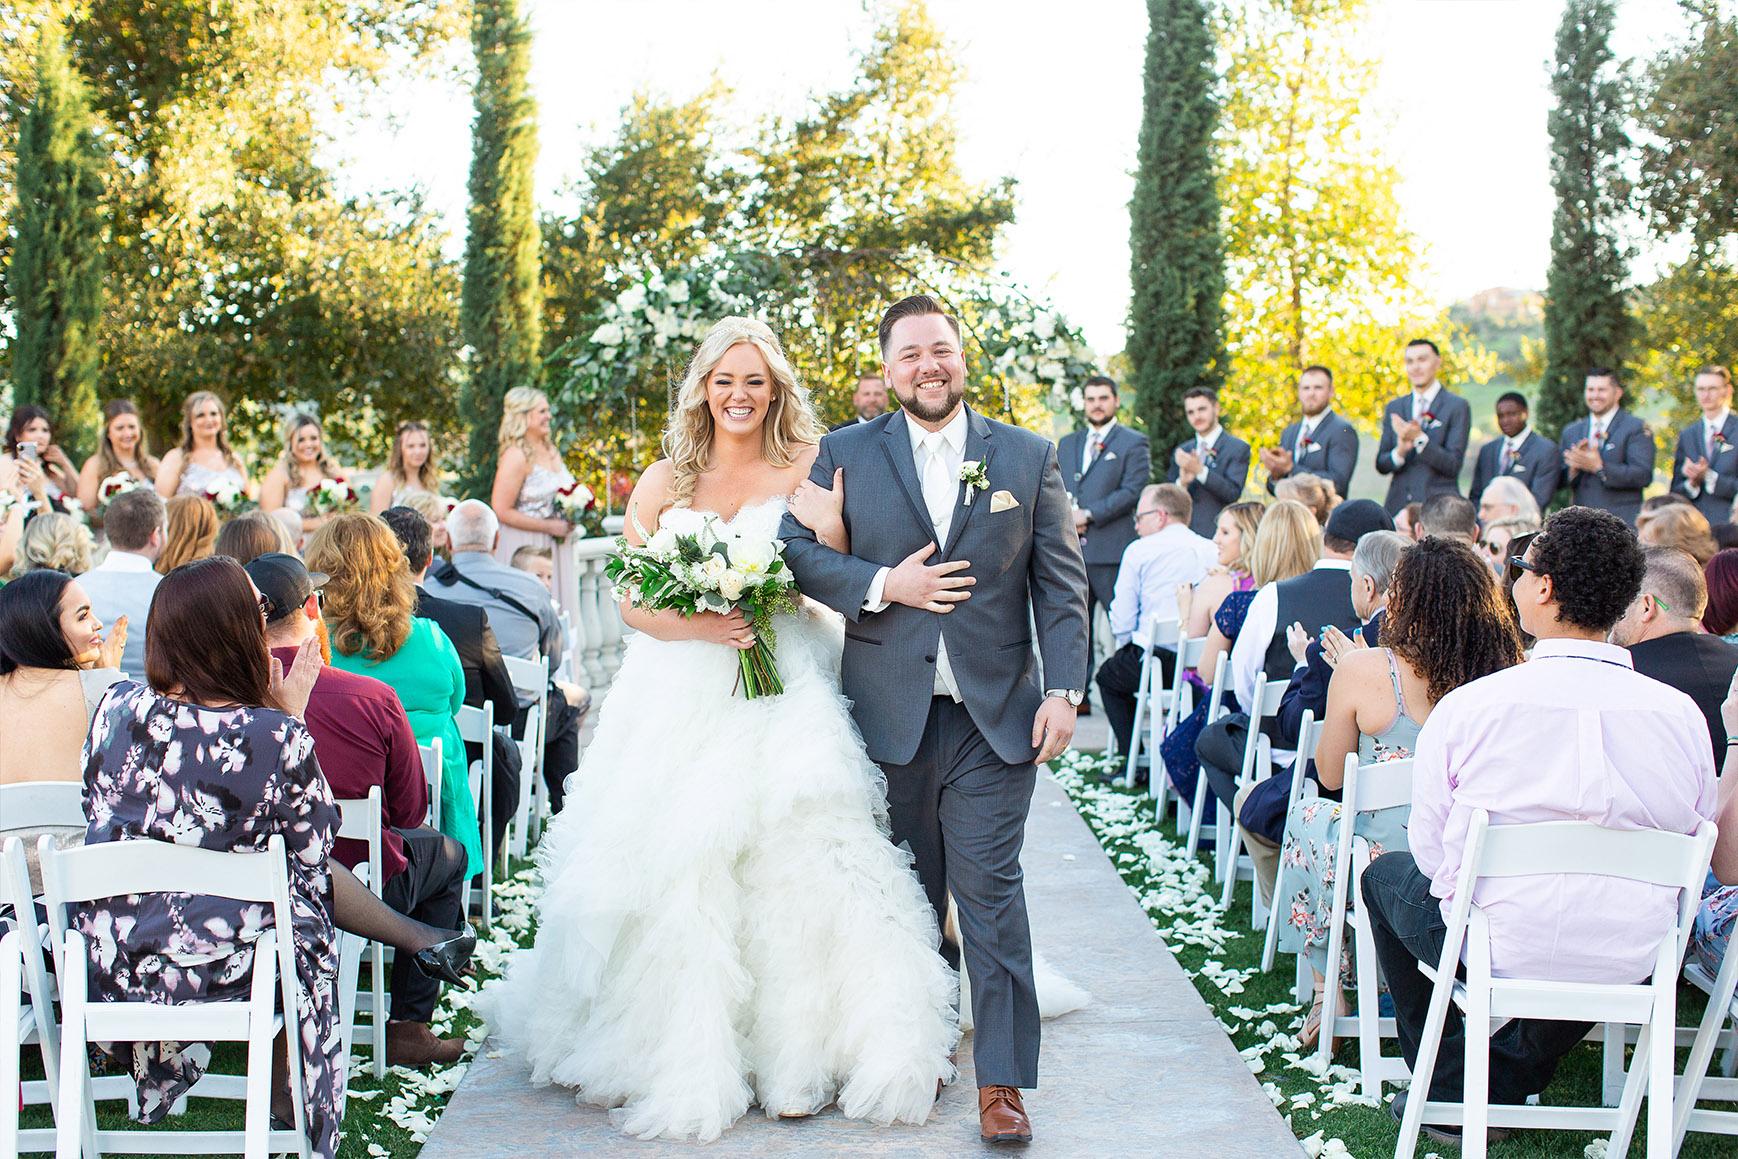 Beautiful garden ceremony - Vellano - Chino Hills, California - San Bernardino County - Wedgewood Weddings